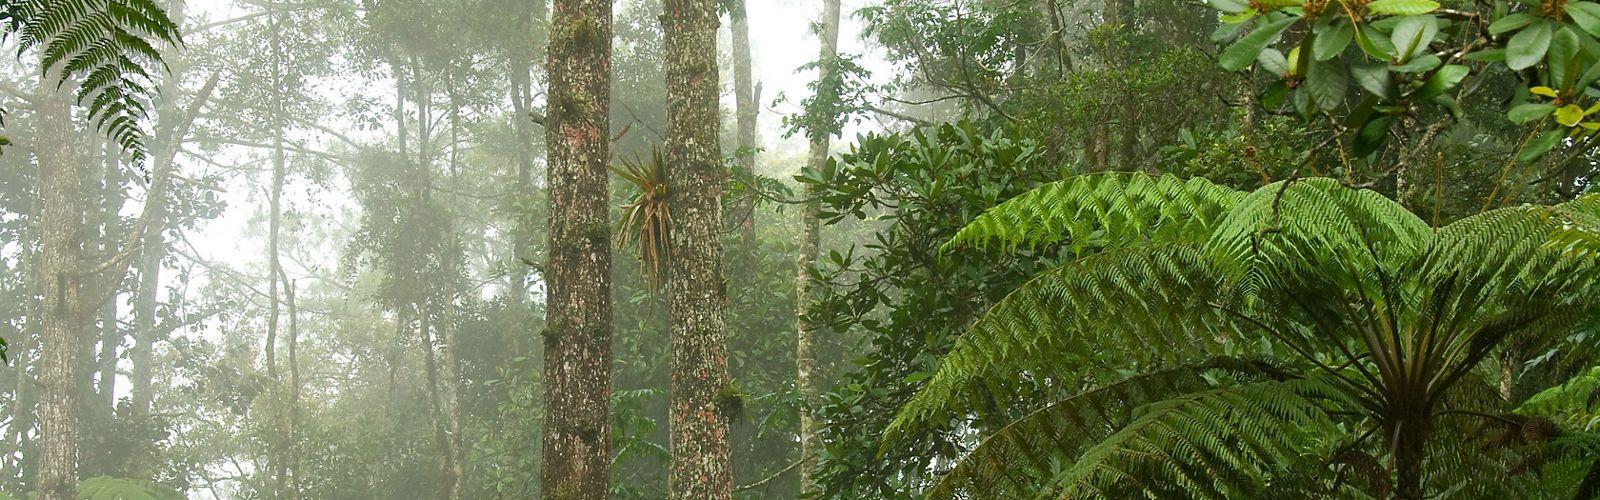 Helechos arbóreos y bromelias decoran el bosque nuboso en la Reserva Privada Sacj en el centro de Guatemala.